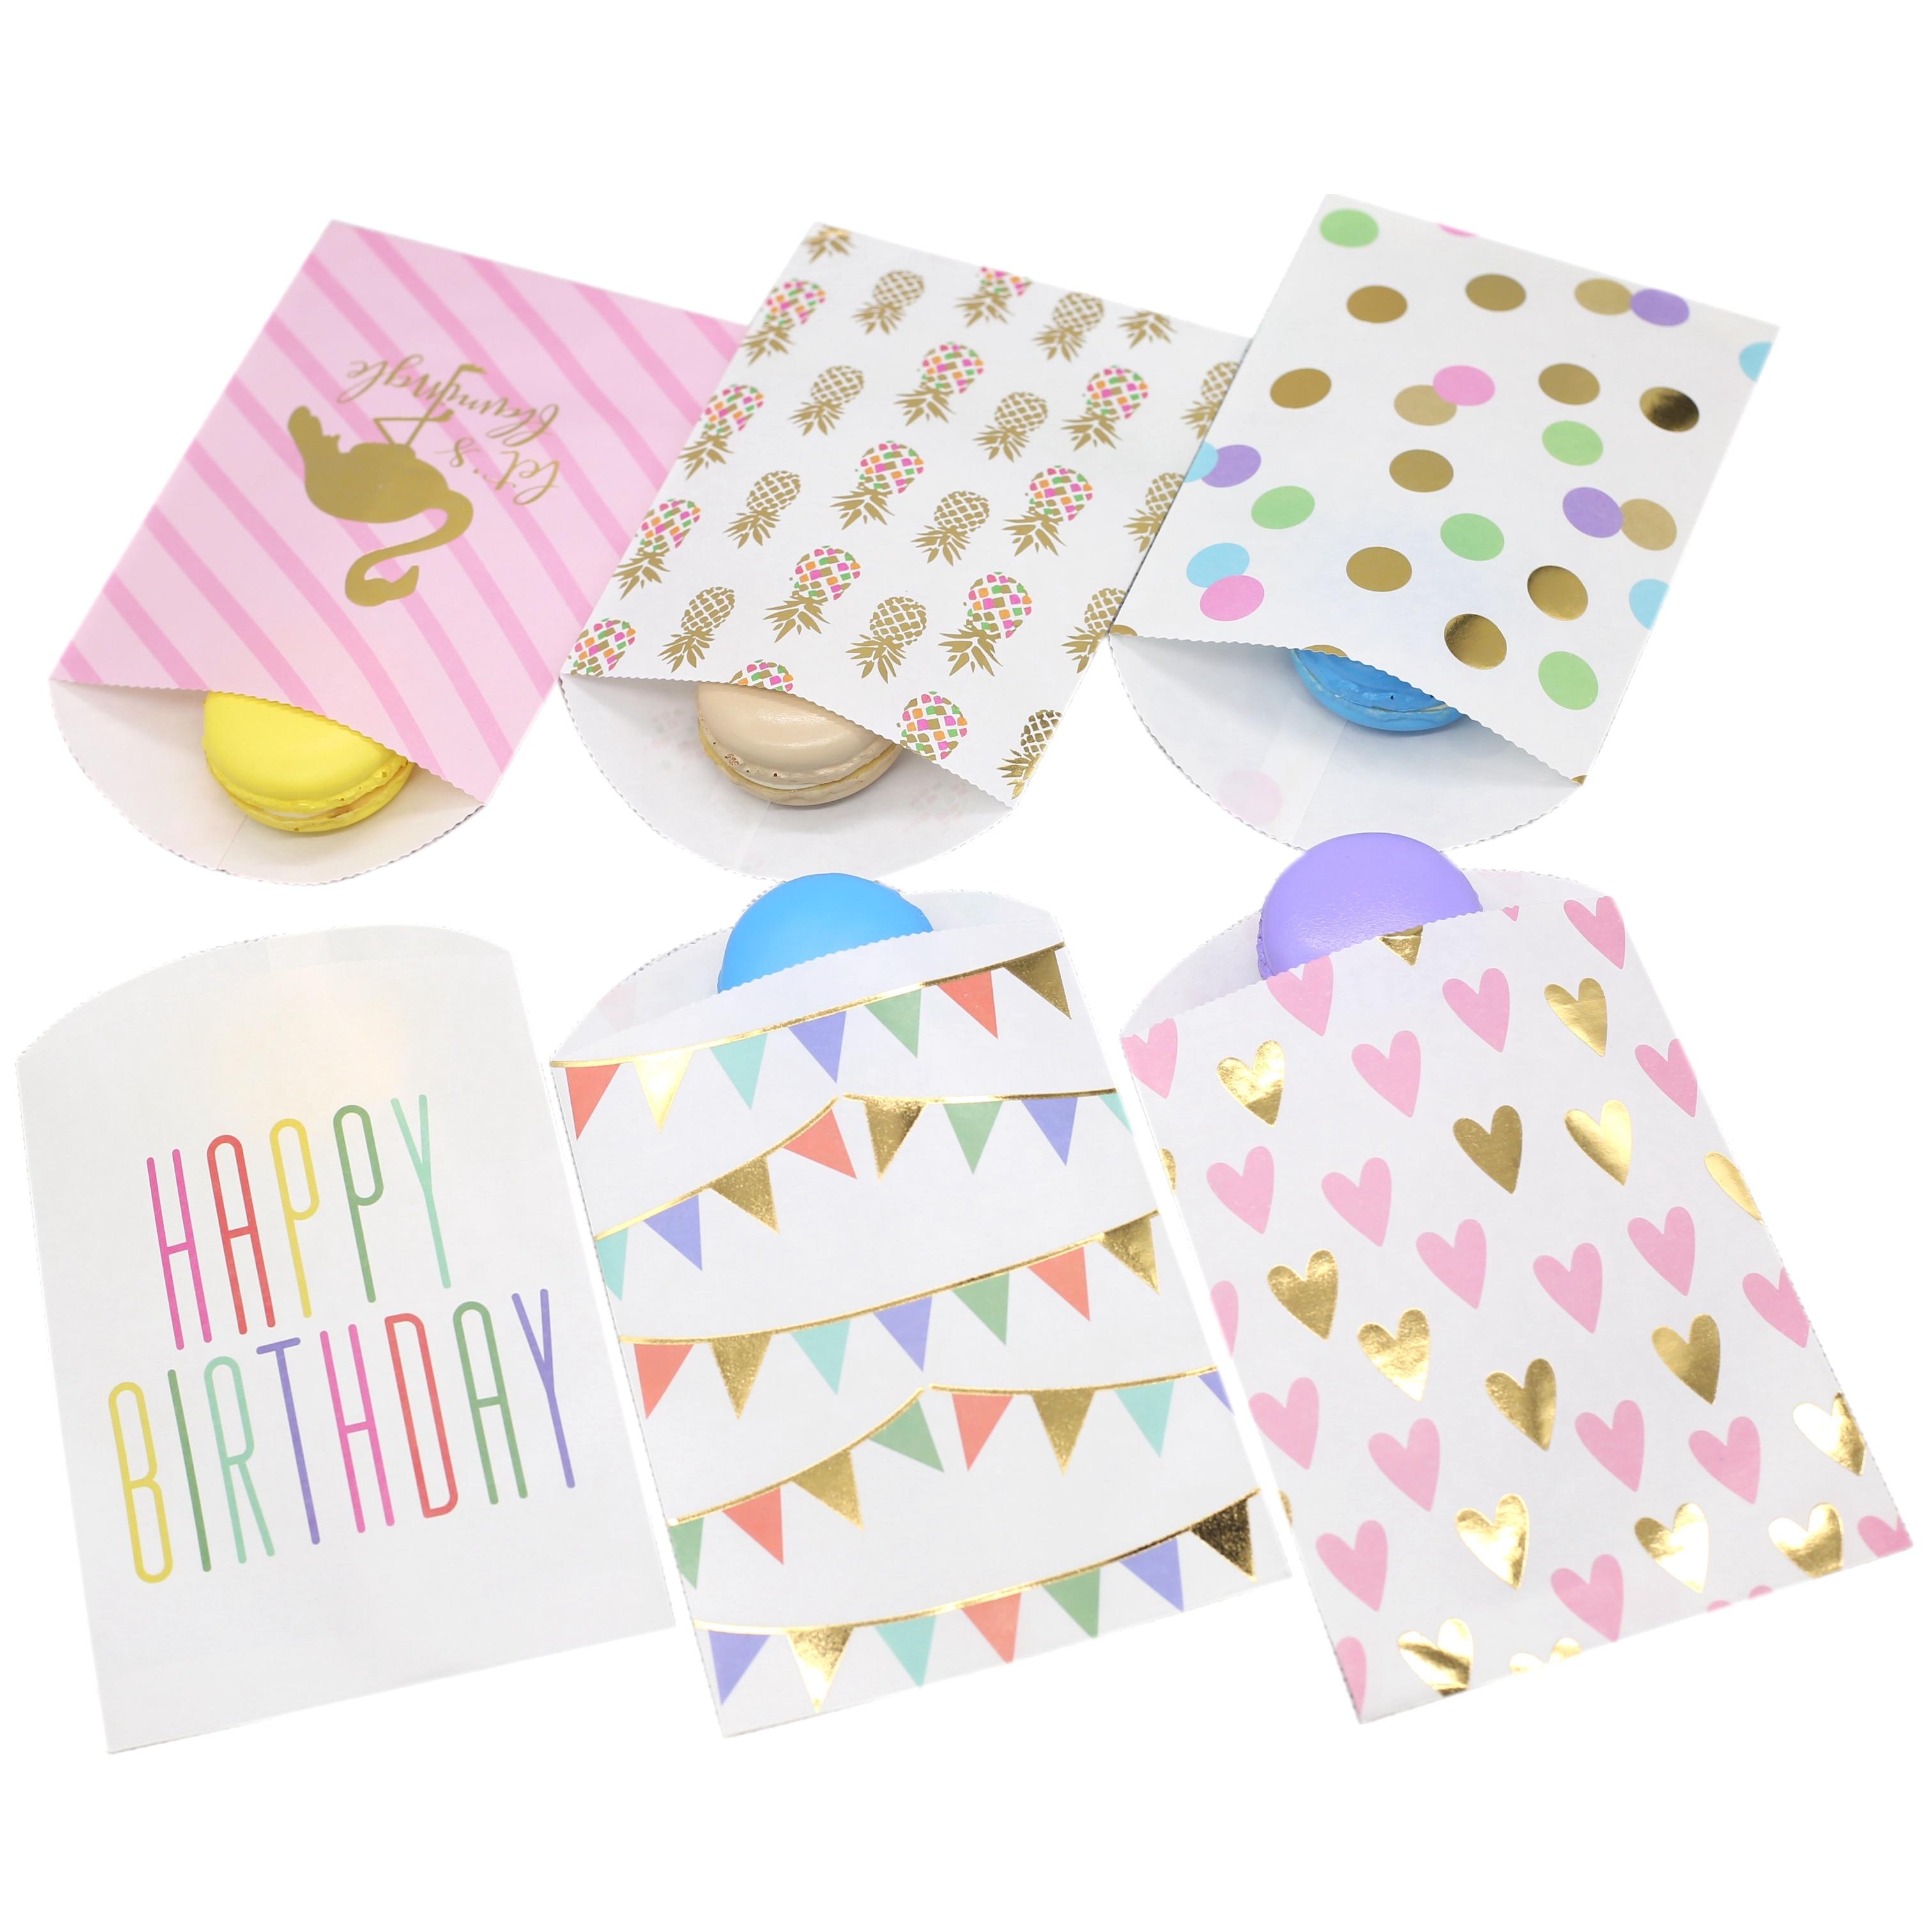 Bolsas de papel para regalos, bolsa de recuerdo de boda, fiesta nupcial, boda, regalo de cumpleaños, dulces, bolsa de papel, 10 unidades/lote